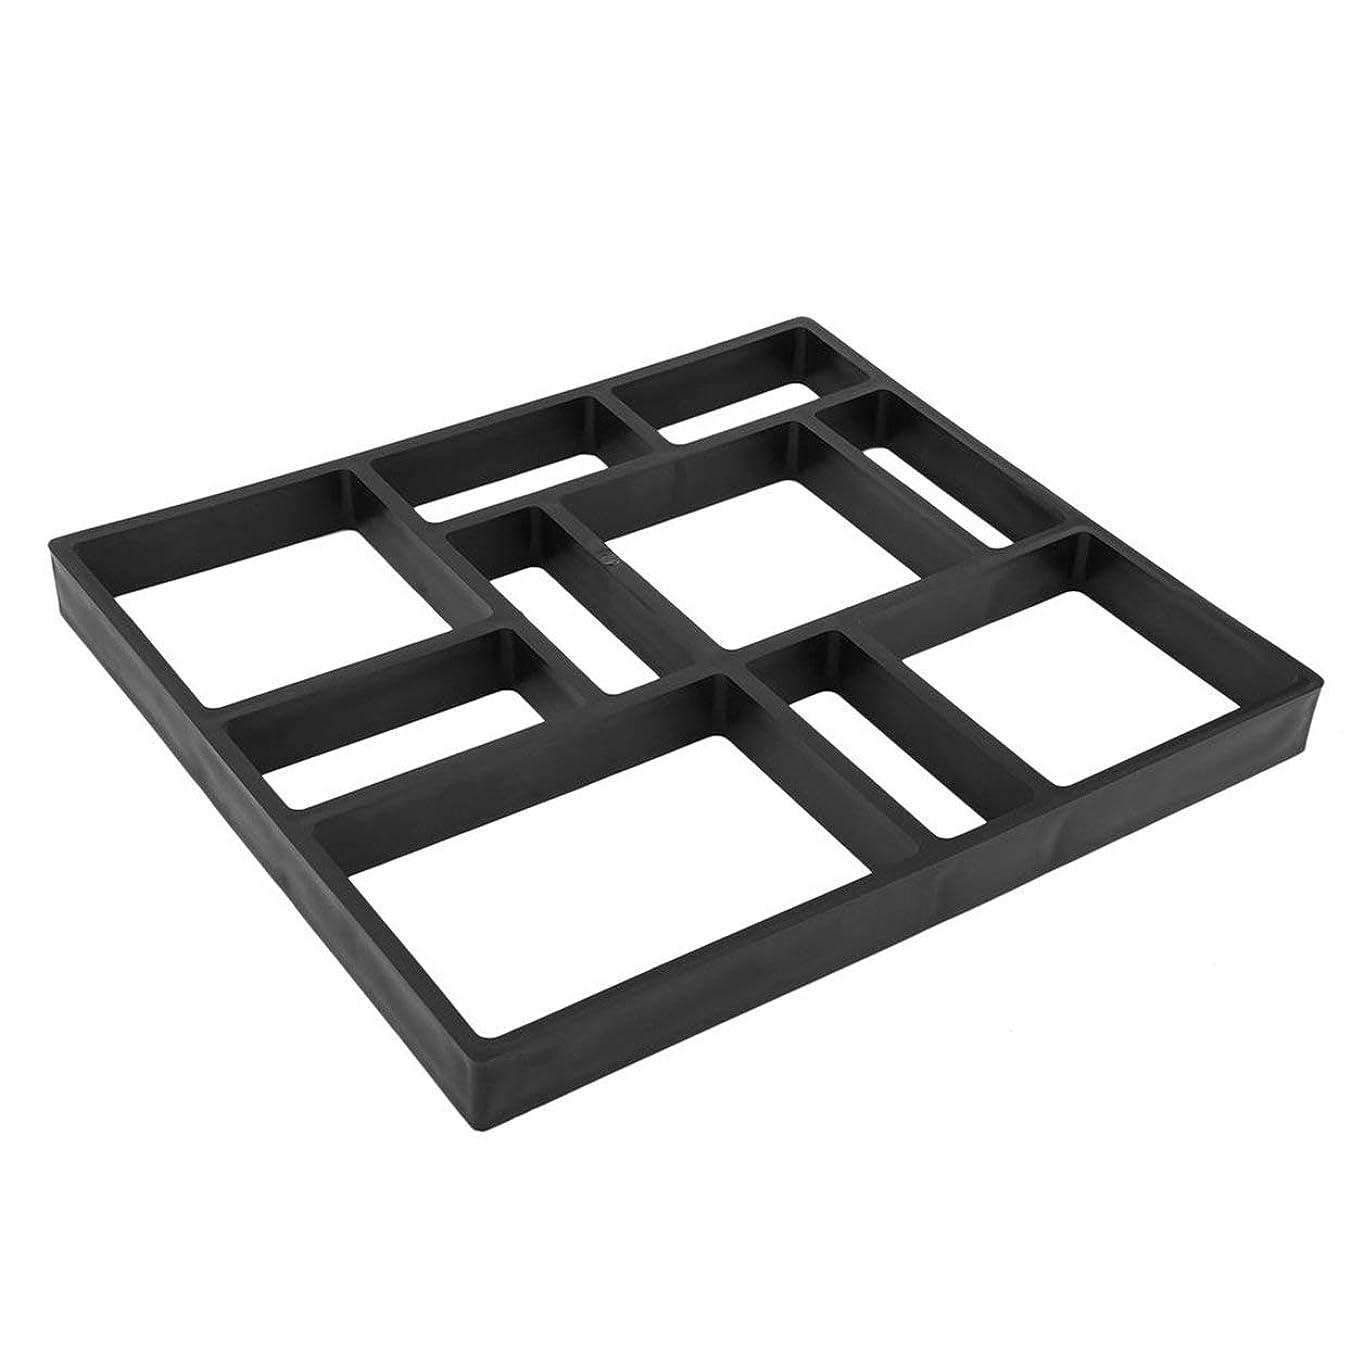 脱臼するわかりやすい成功Saikogoods DIY不規則な/矩形パターンパーソナライズされた舗装のコンクリートレンガ石屋外装飾庭パスのメーカー芝生 黒